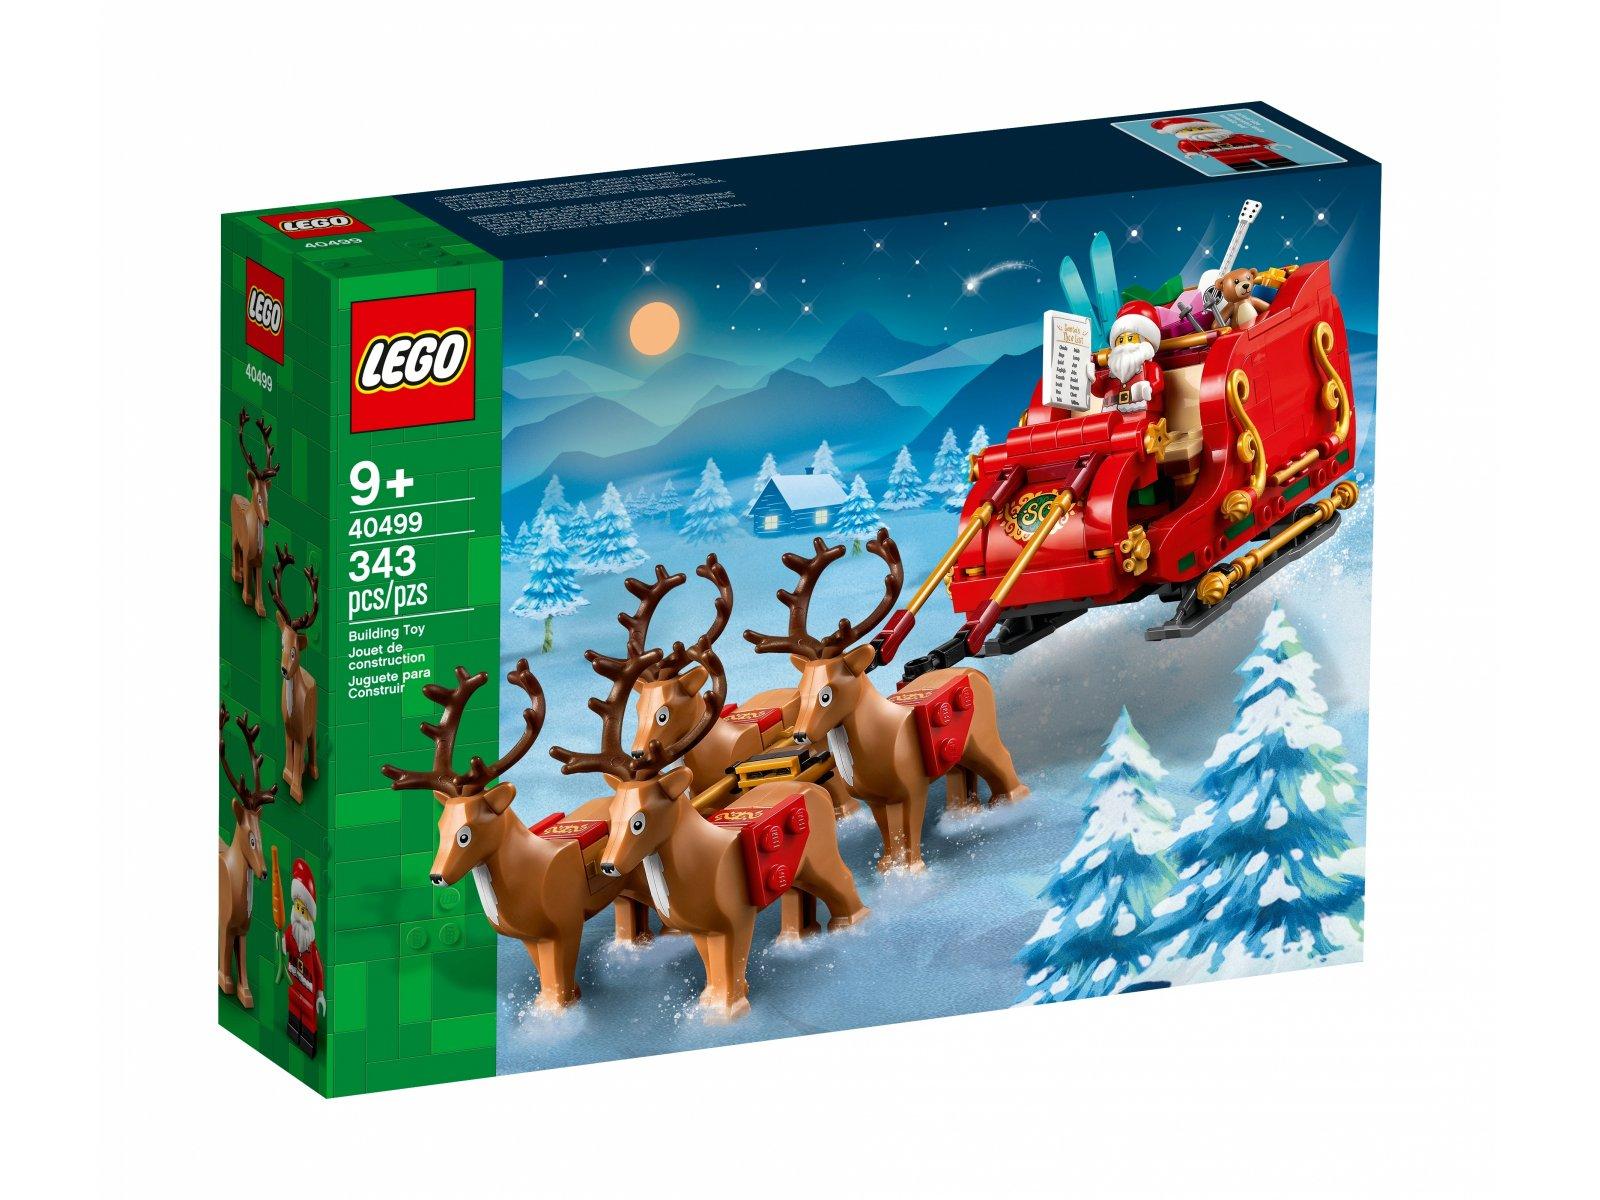 LEGO Sanie Świętego Mikołaja 40499